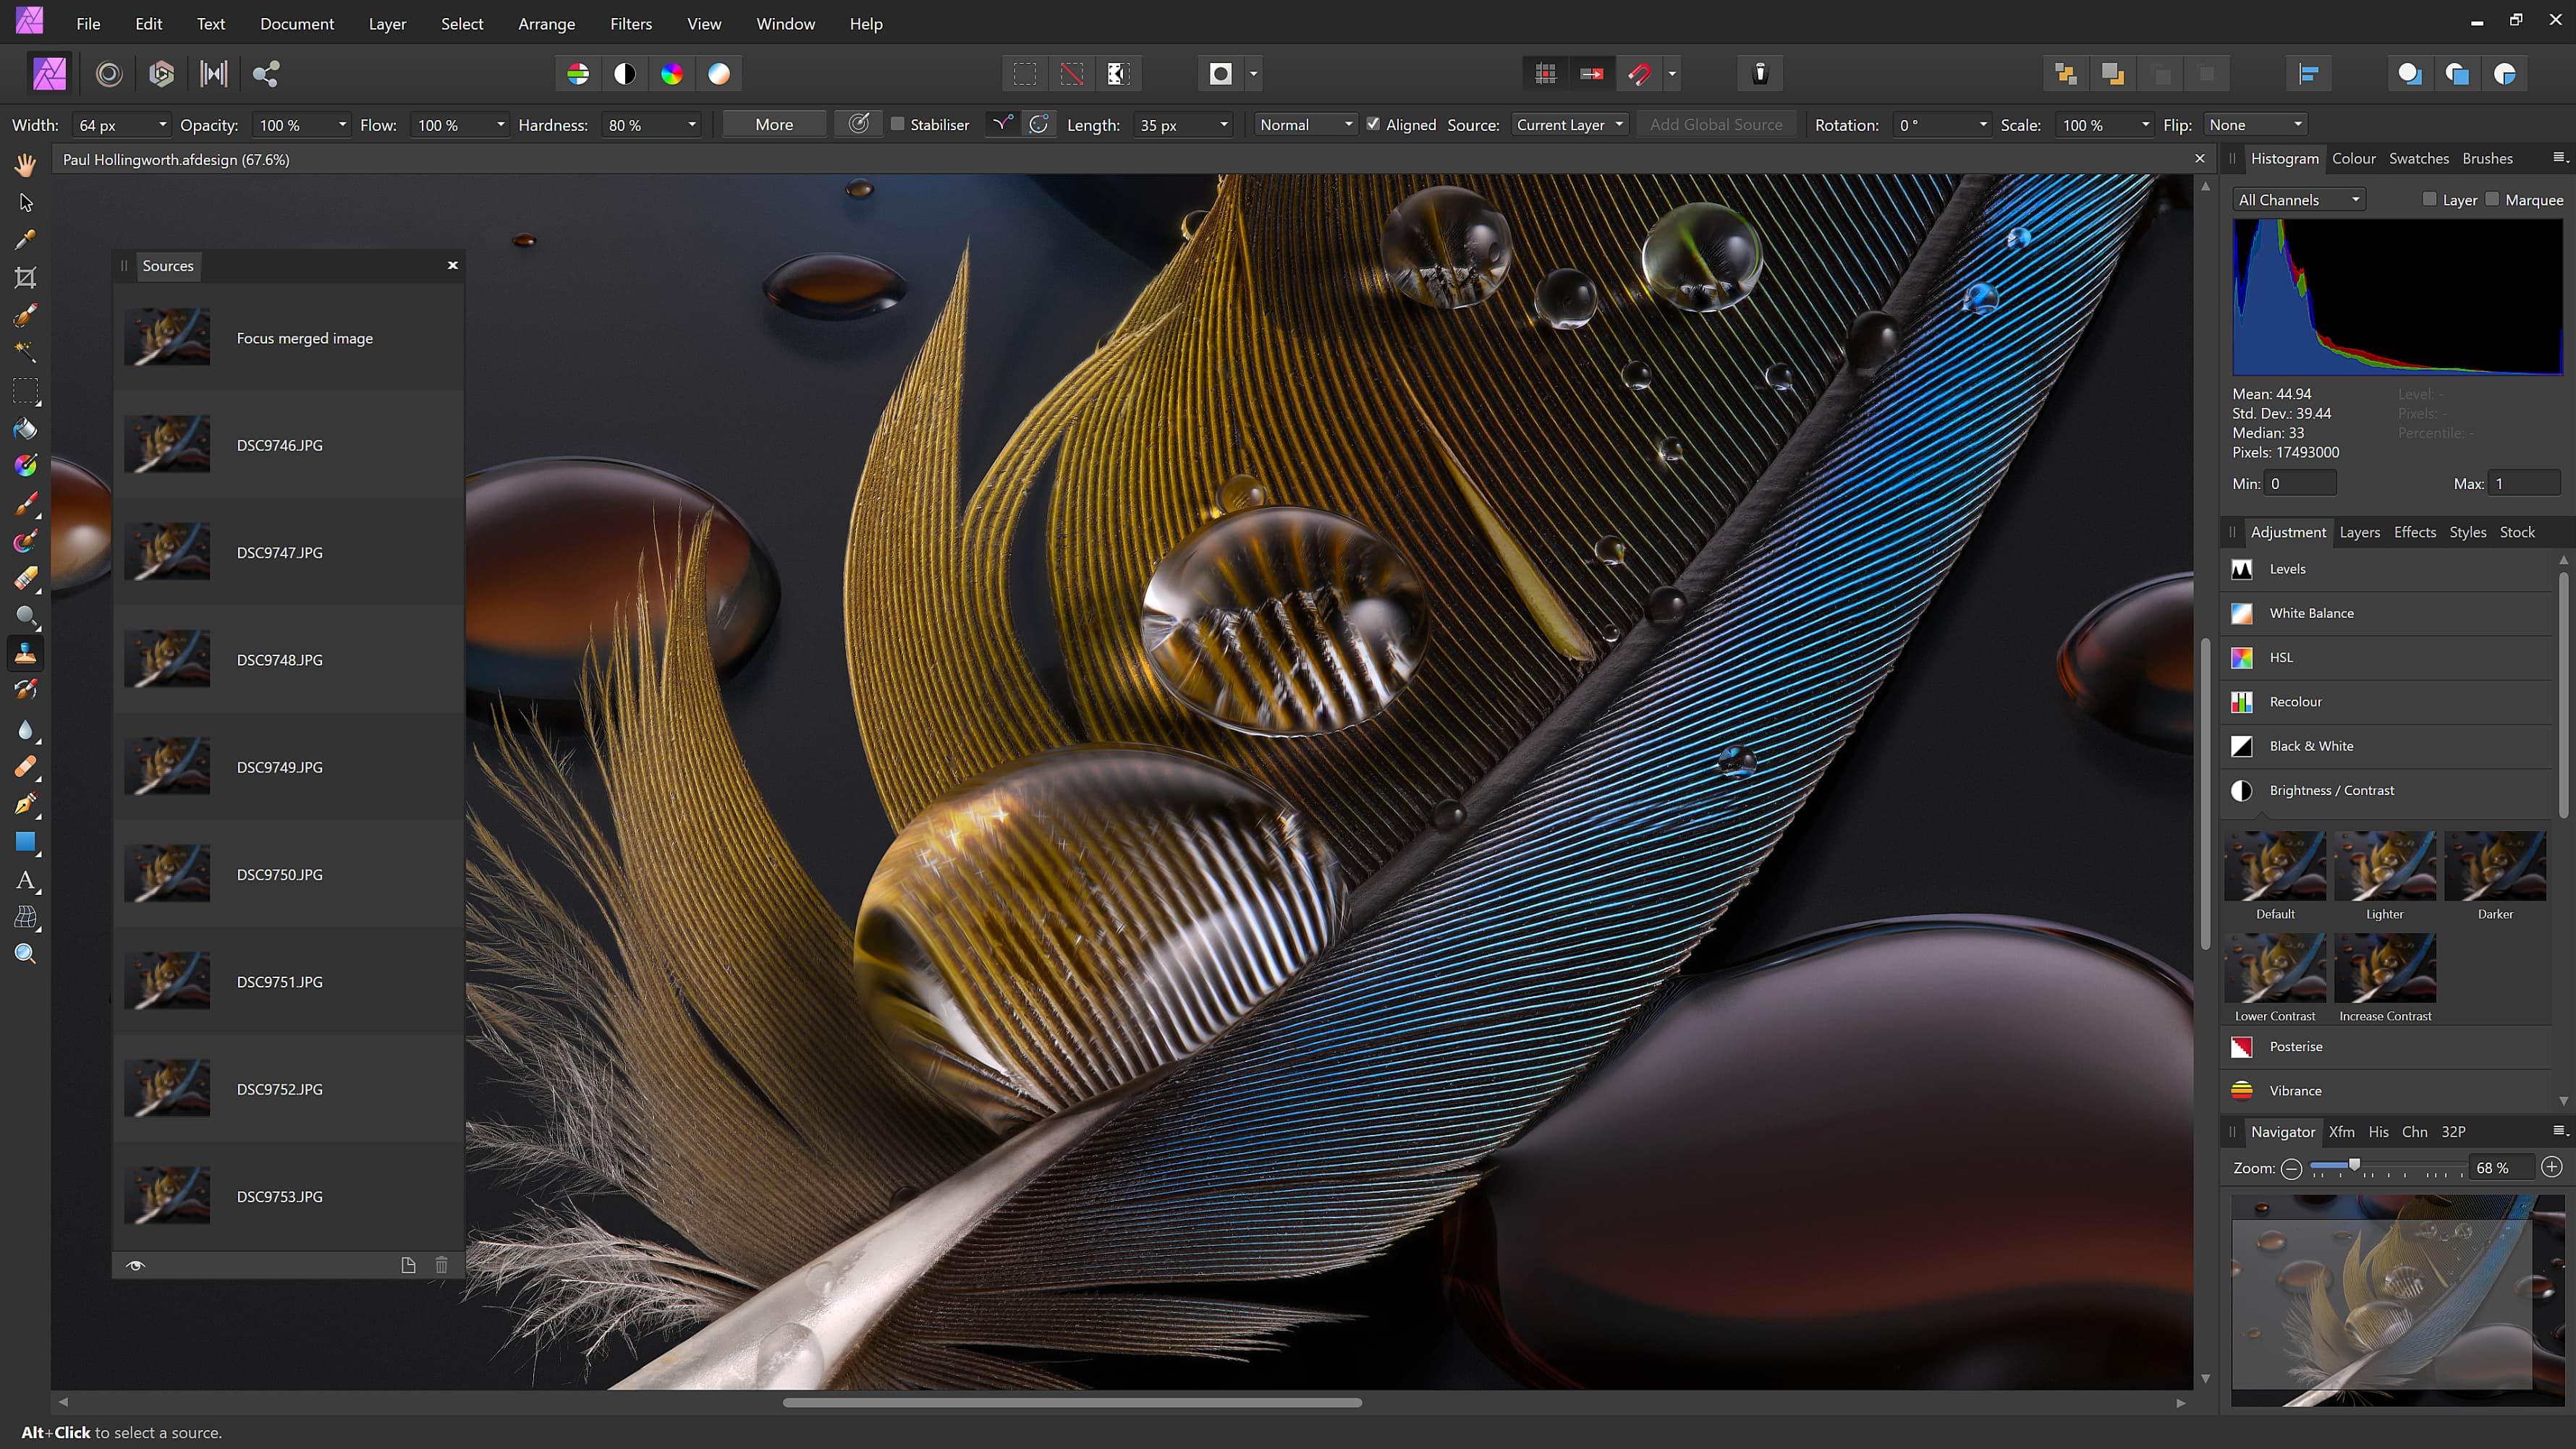 Affinity Photo screenshot: Affinity Photo edit images